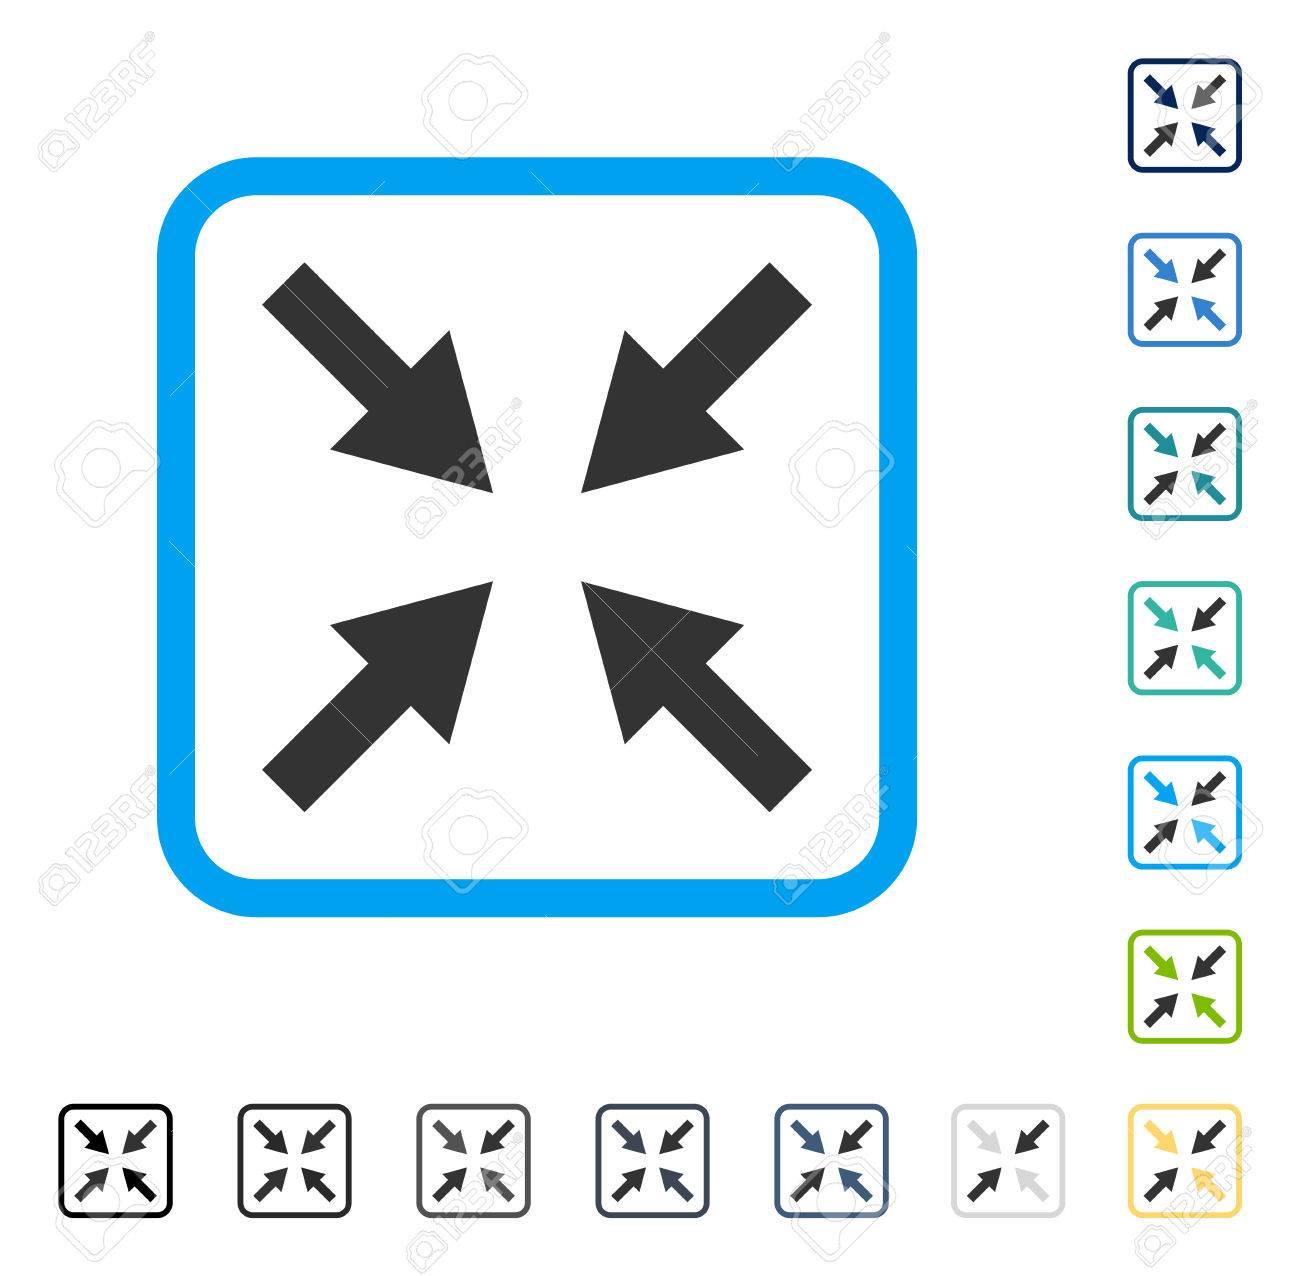 Ziemlich Rahmen Und Pfeile Ideen - Rahmen Ideen - markjohnsonshow.info